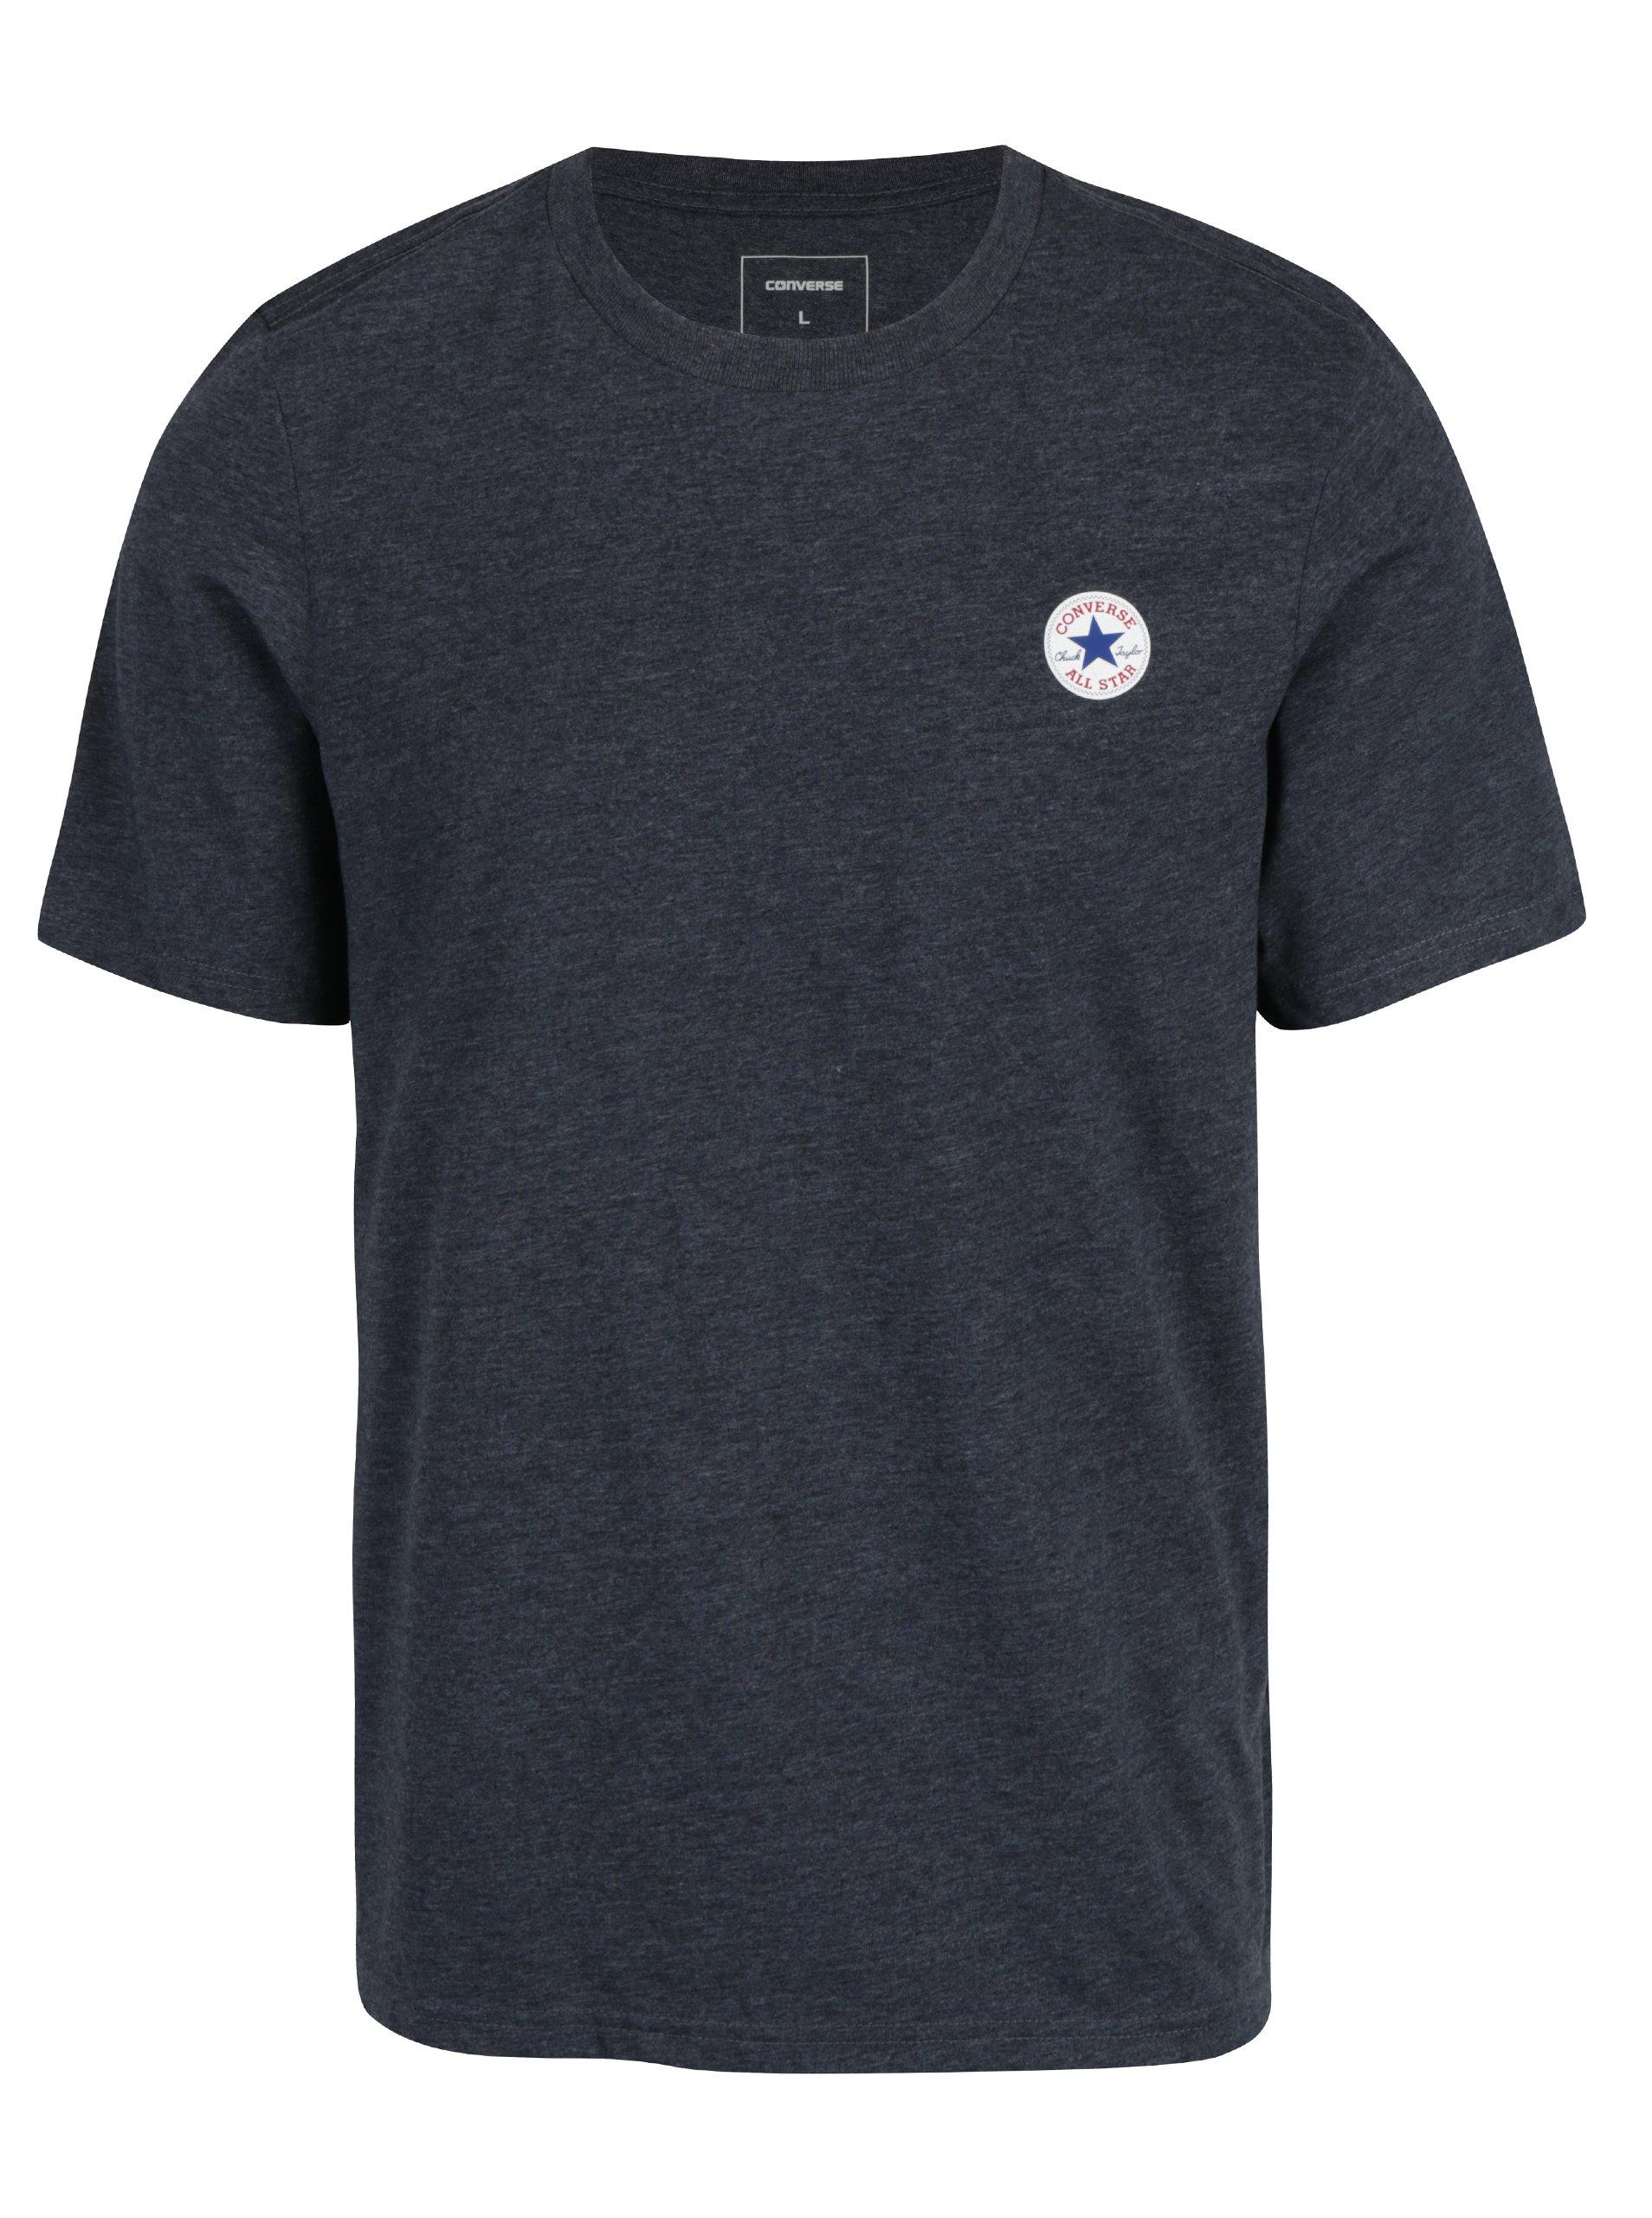 Tmavě šedé pánské žíhané tričko Converse Core Left Chest